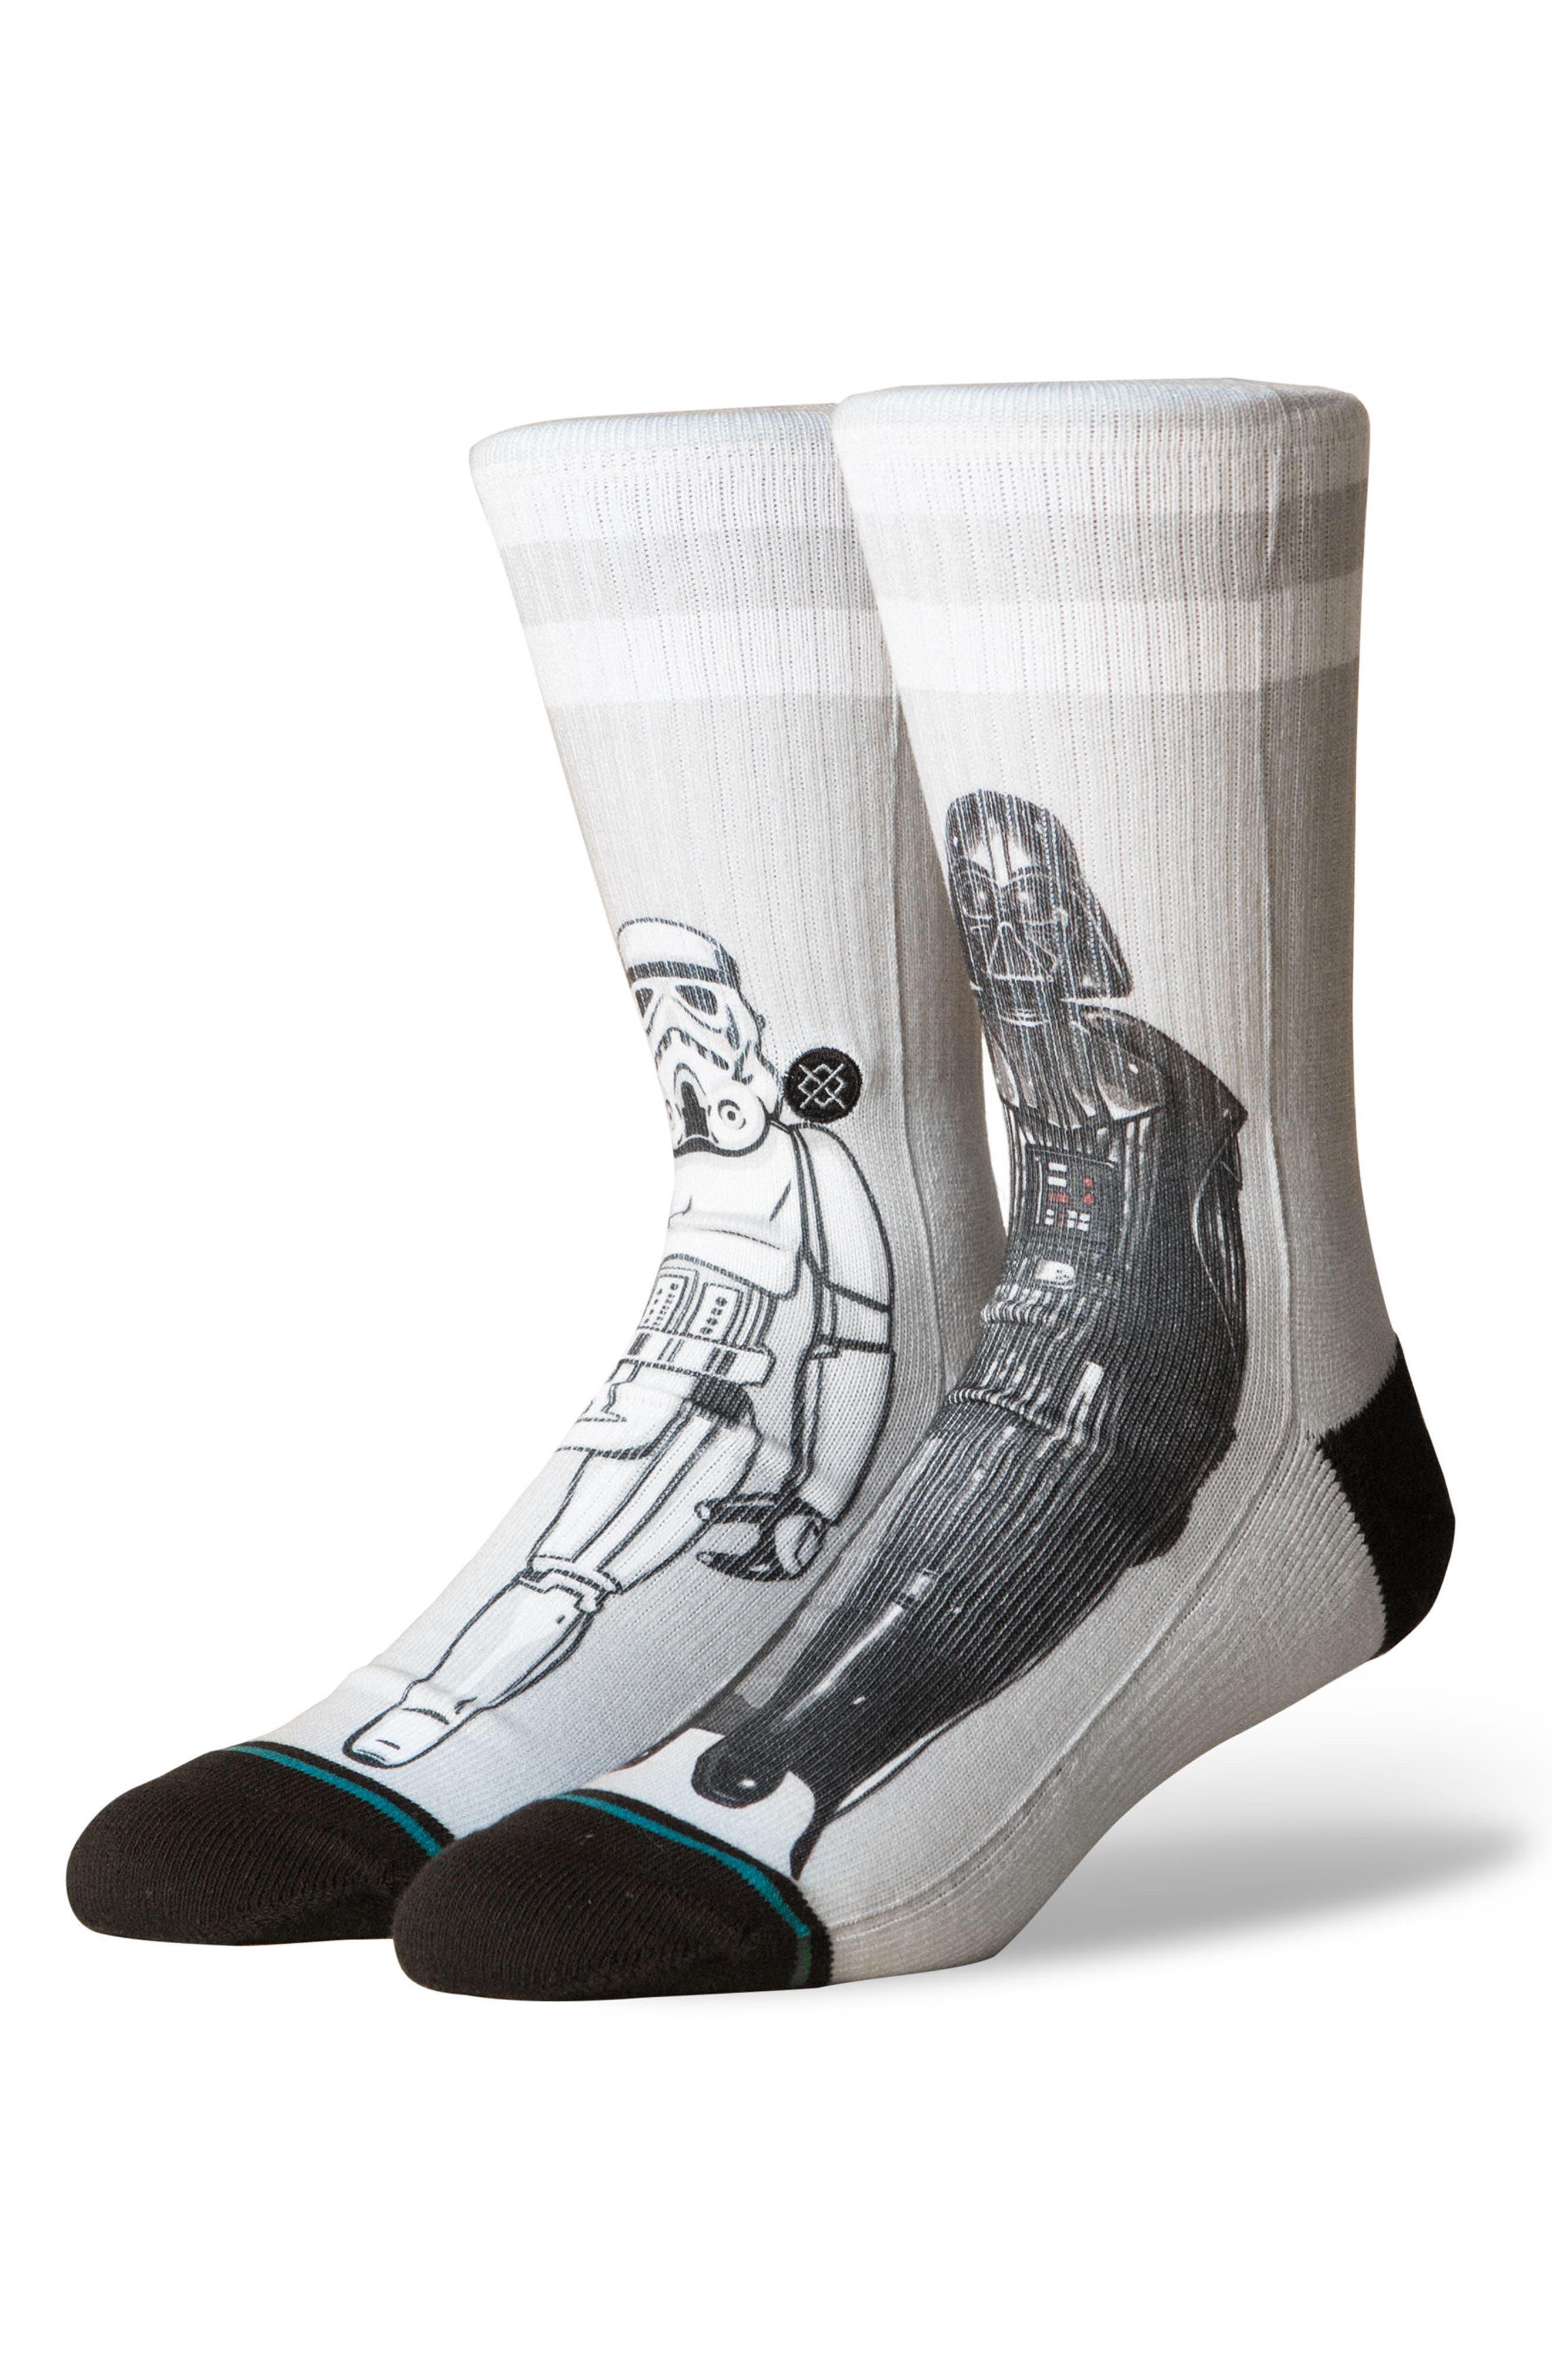 Stance Star Wars™ Master of Evil Socks